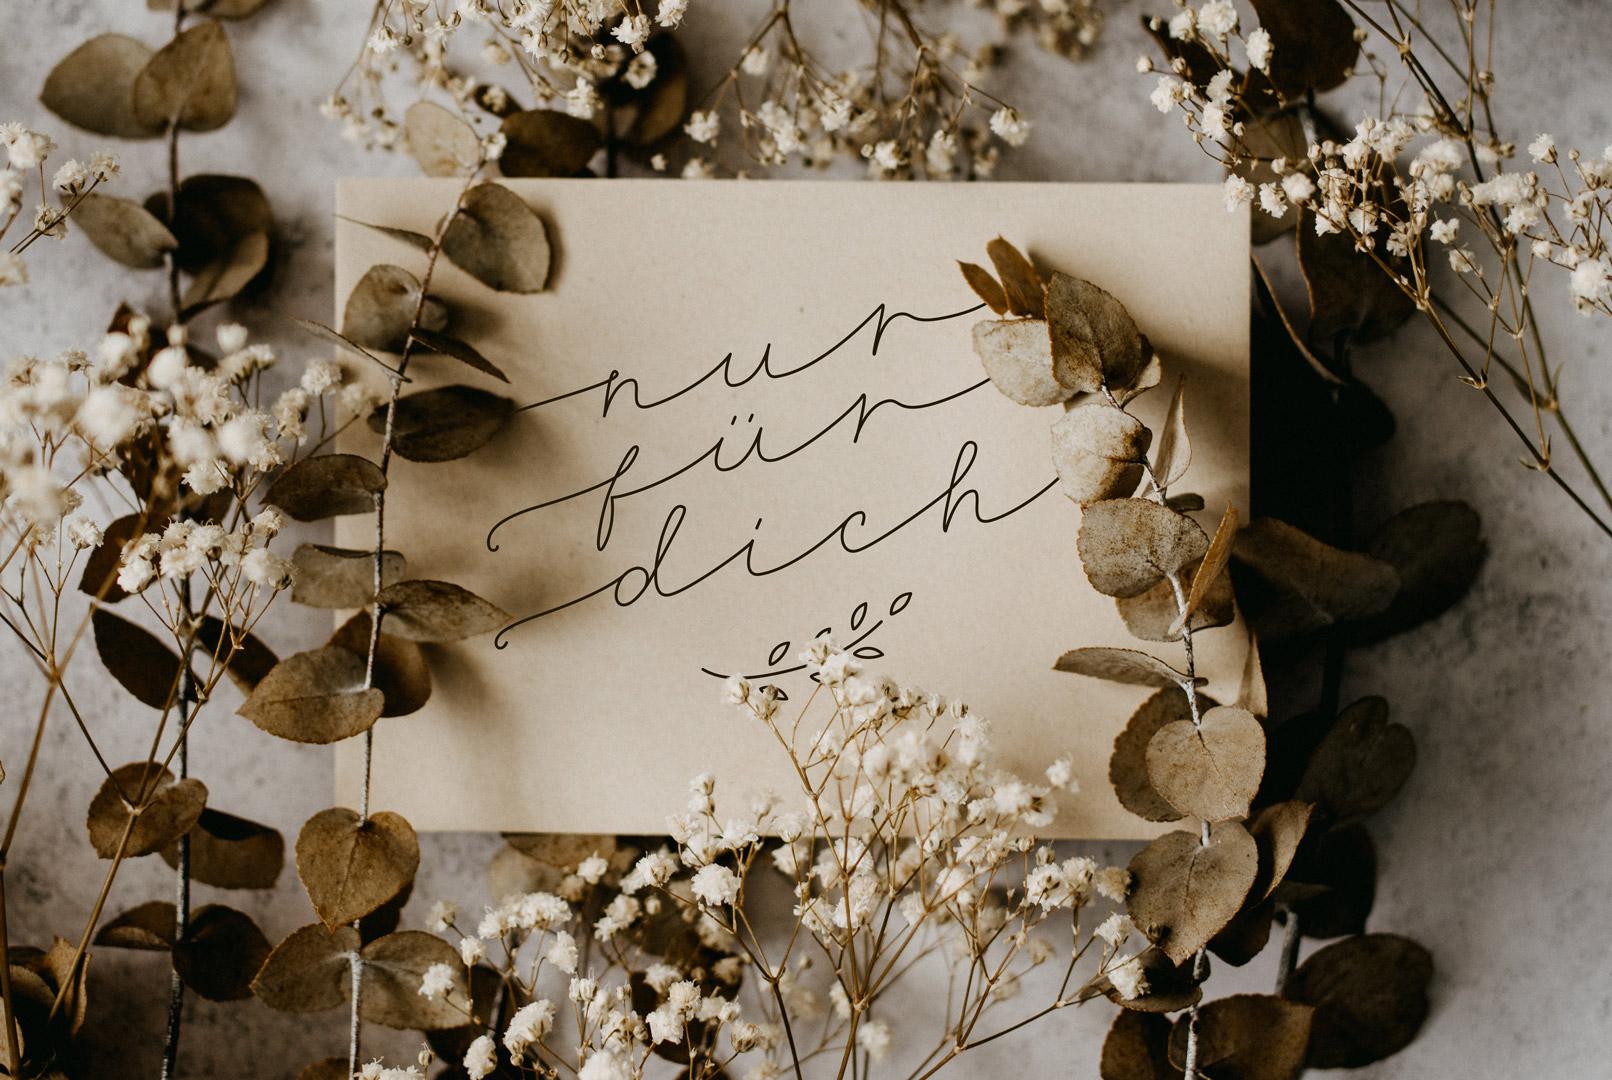 Muttertagskarte mit einem Handlettering, umgeben von Blumen